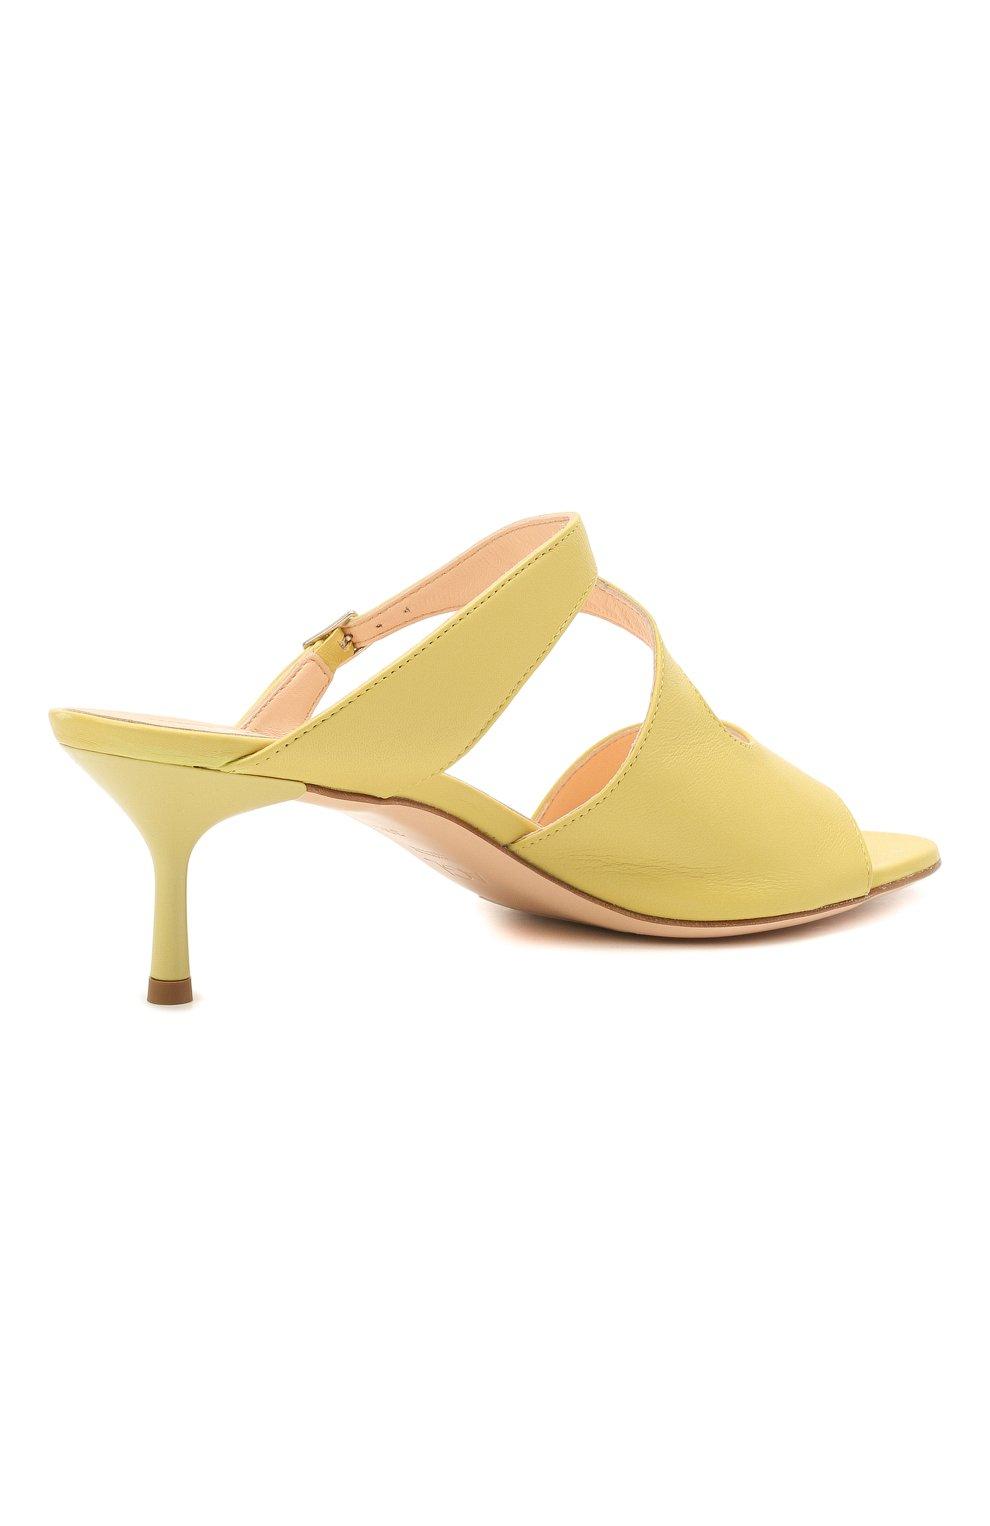 Женские кожаные мюли AGL желтого цвета, арт. D657016PCKH002E330 | Фото 4 (Каблук высота: Низкий; Материал внутренний: Натуральная кожа; Каблук тип: Шпилька; Подошва: Плоская)